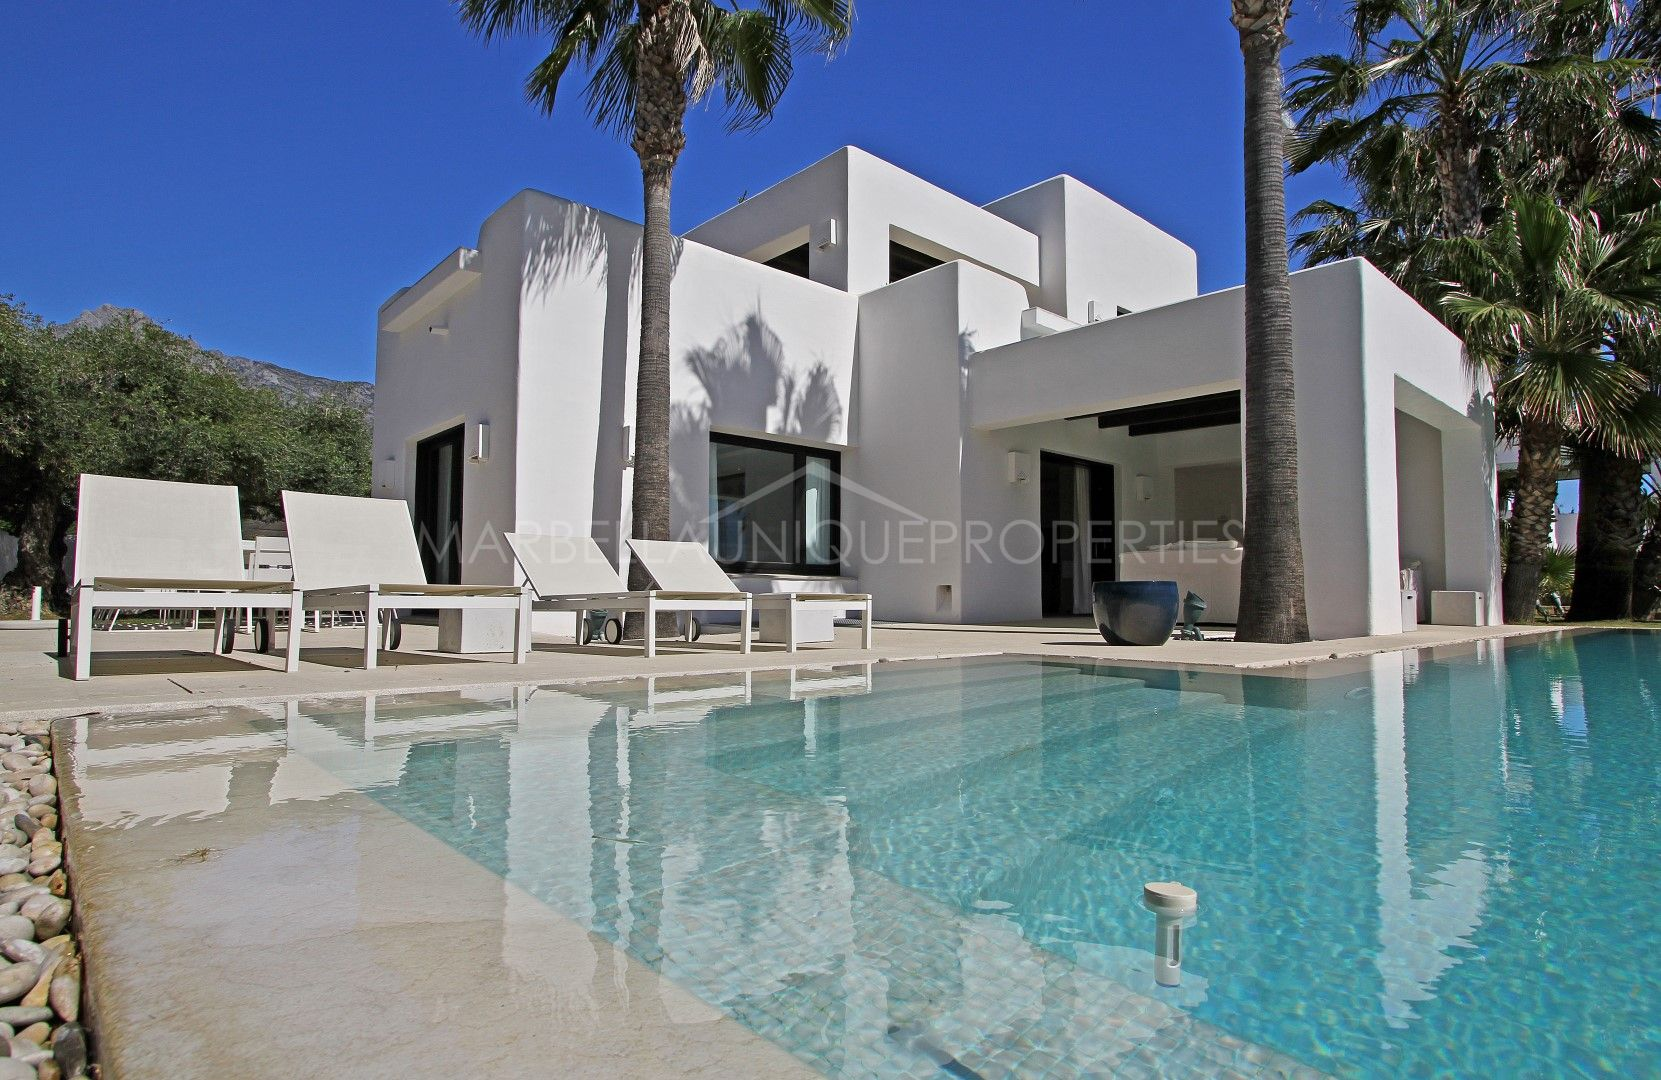 Luxury Ibiza Style Villa In Altos De Puente Romano